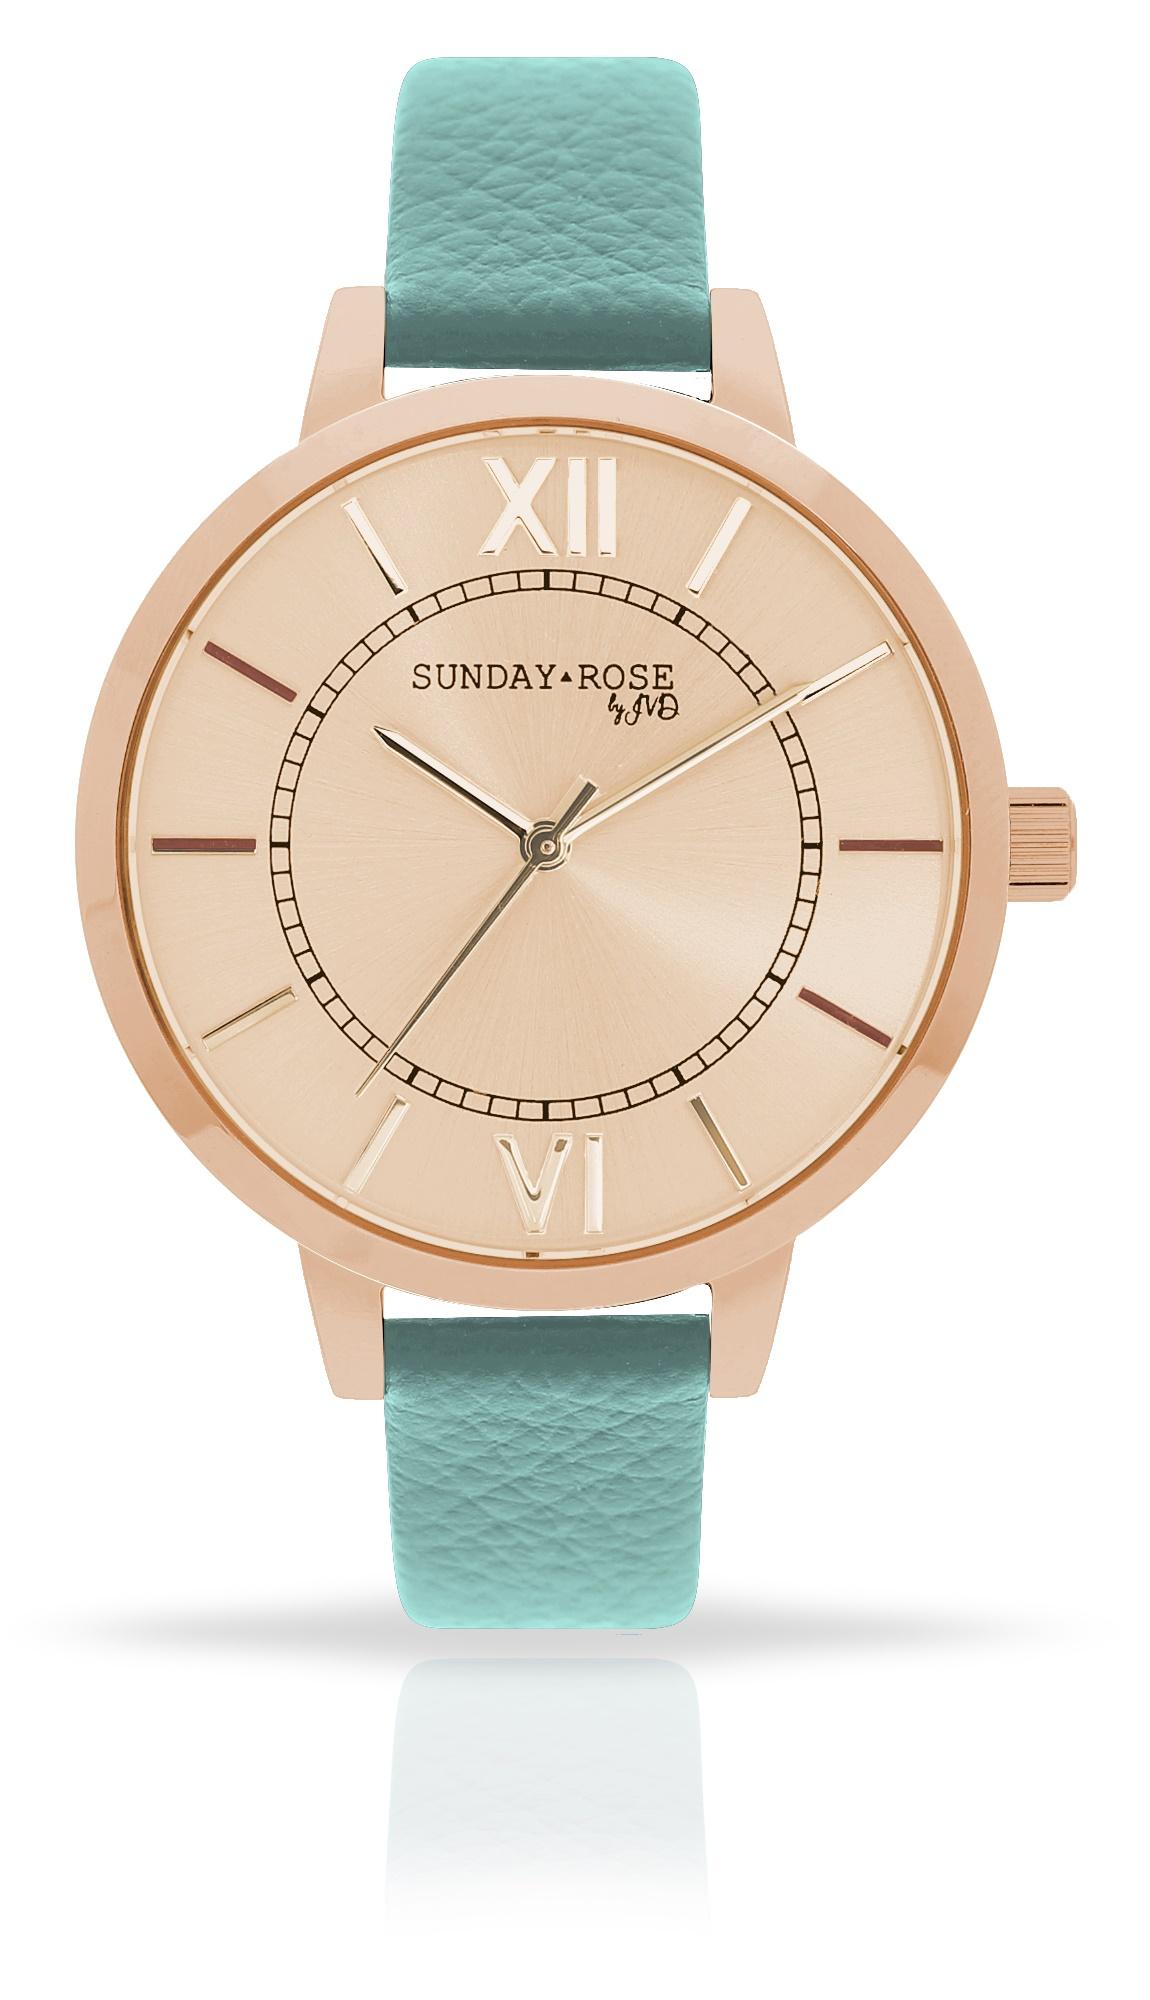 Dámské luxusní designové hodinky SUNDAY ROSE Classic PASTEL GREEN (POŠTOVNÉ ZDARMA!!)